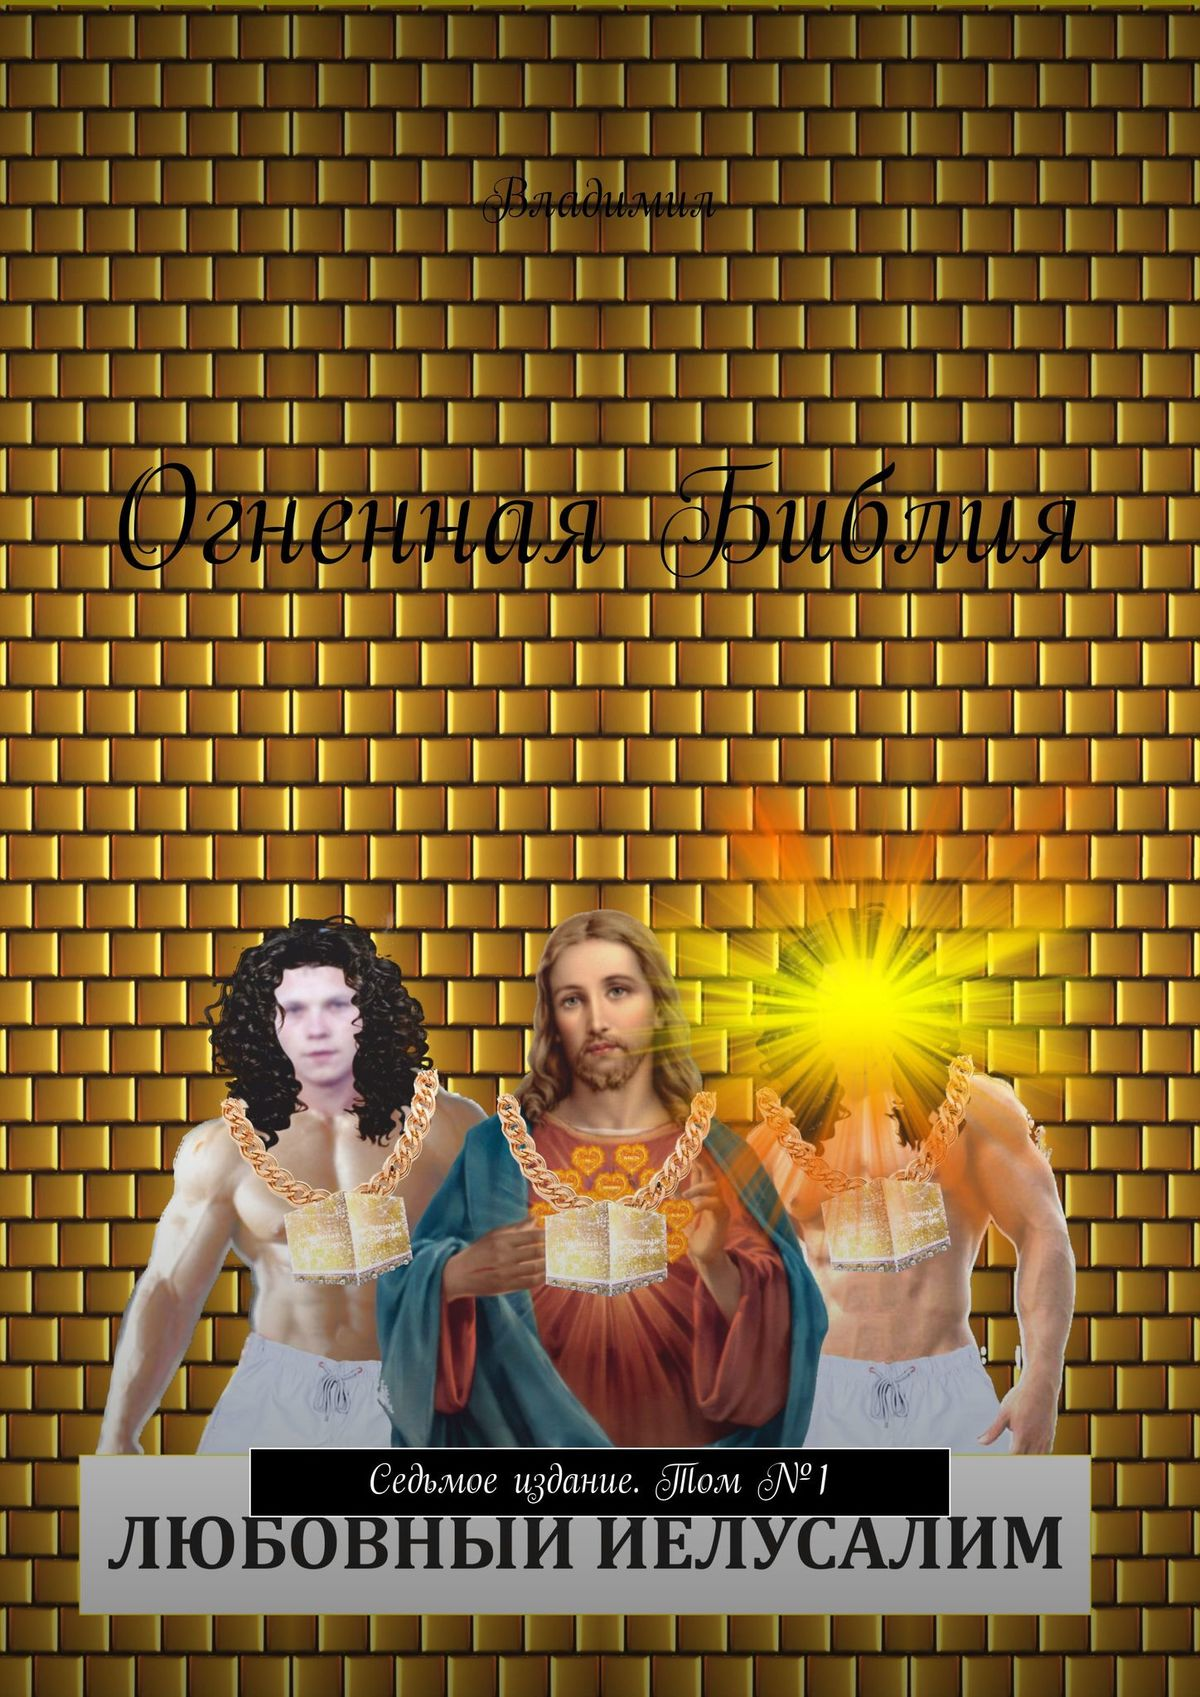 Владимил Огненная Библия. Седьмое издание. Том №1 автохимия и автокосметика lavr